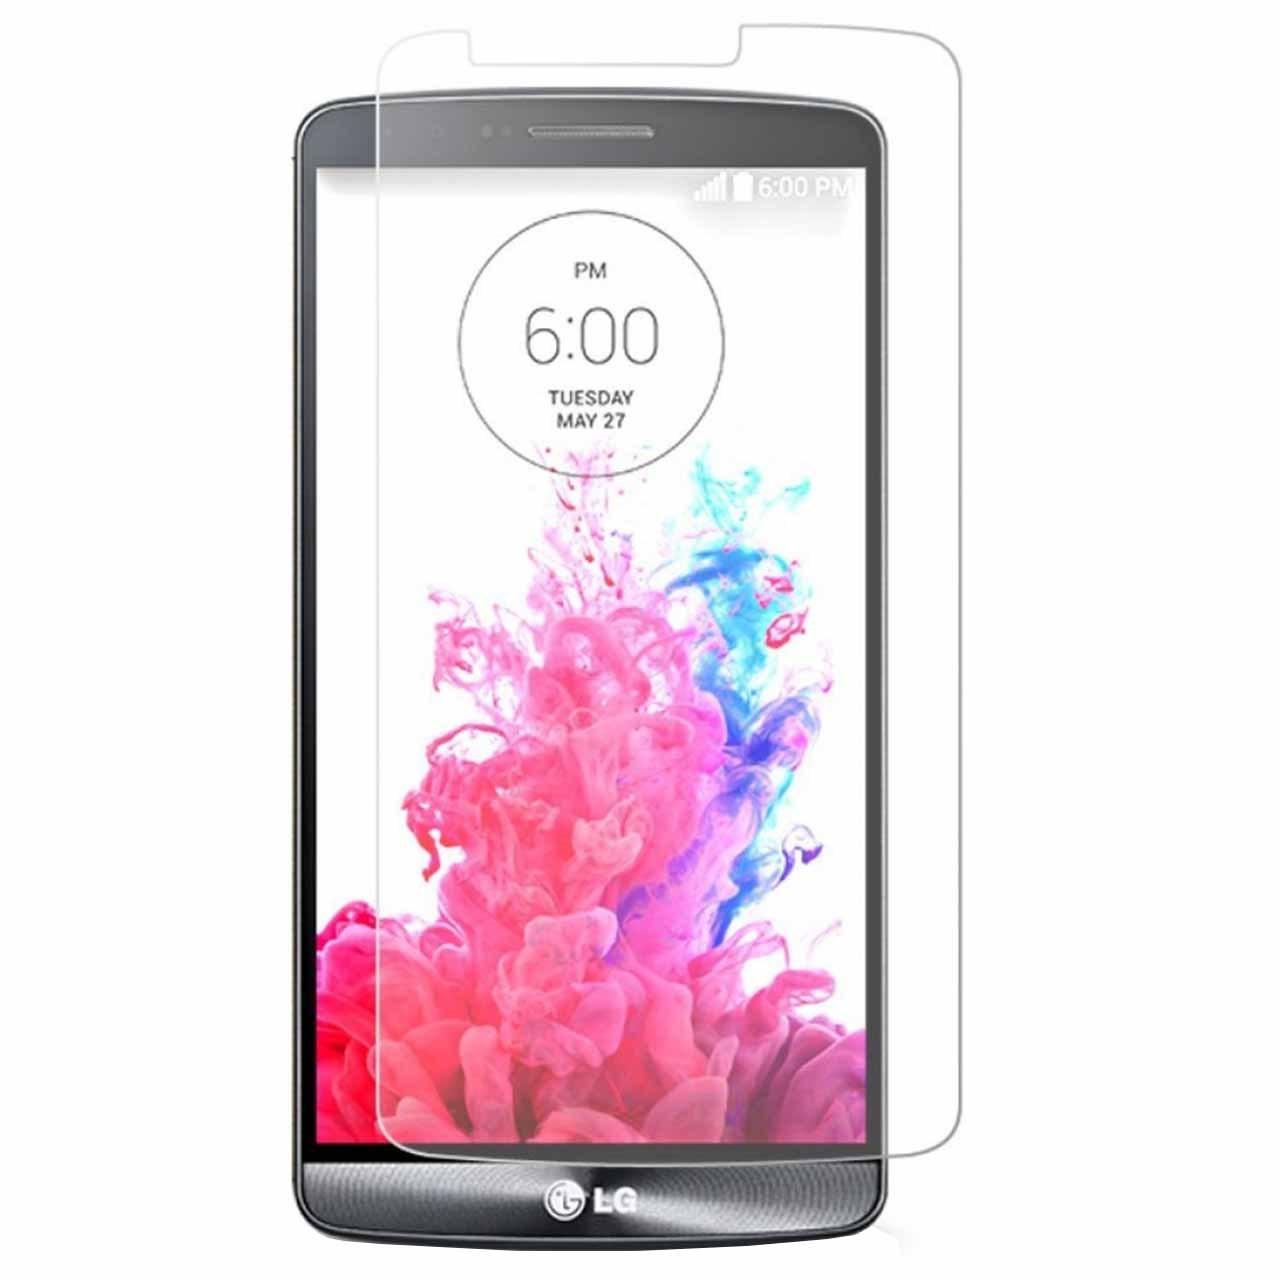 محافظ صفحه نمایش شیشه ای 9 اچ مناسب برای گوشی LG G3 Stylus